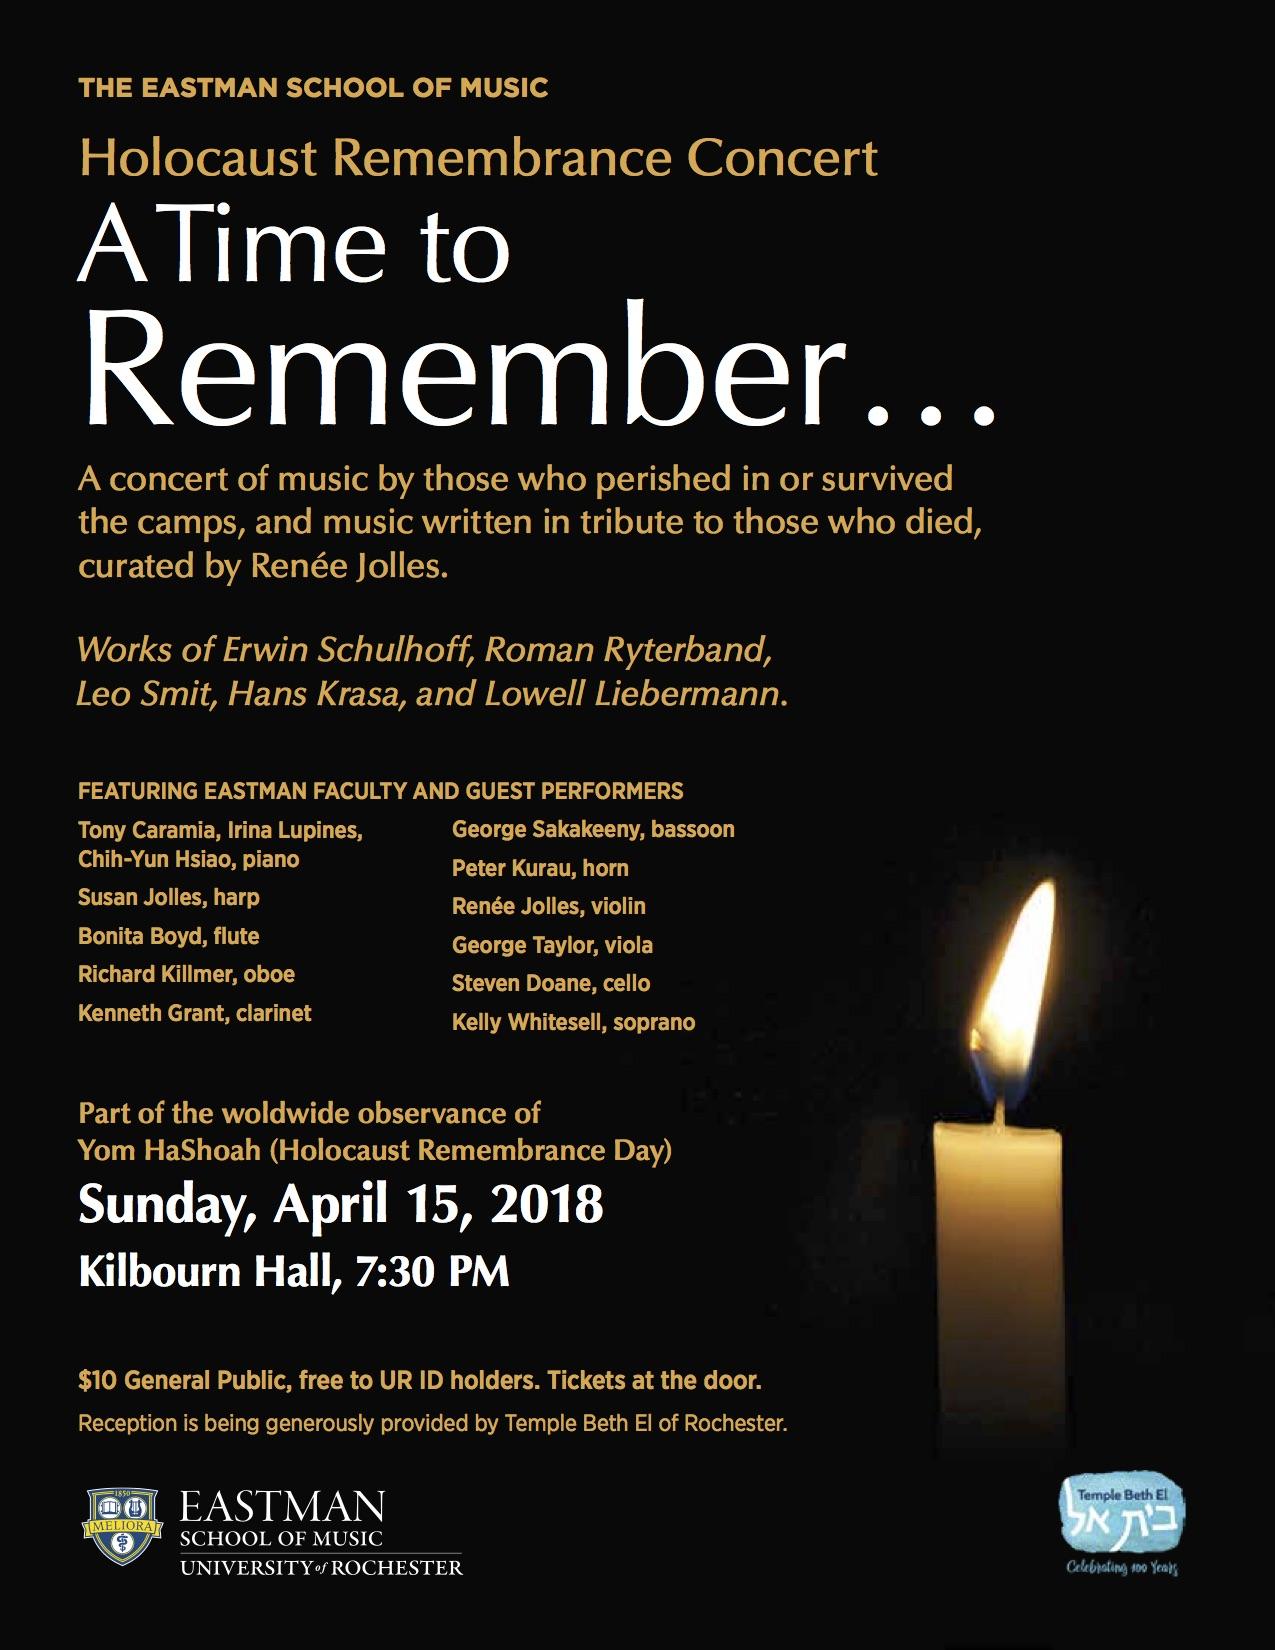 https://www.esm.rochester.edu/uploads/HolocaustRememberance_Flyer_LV3.jpg